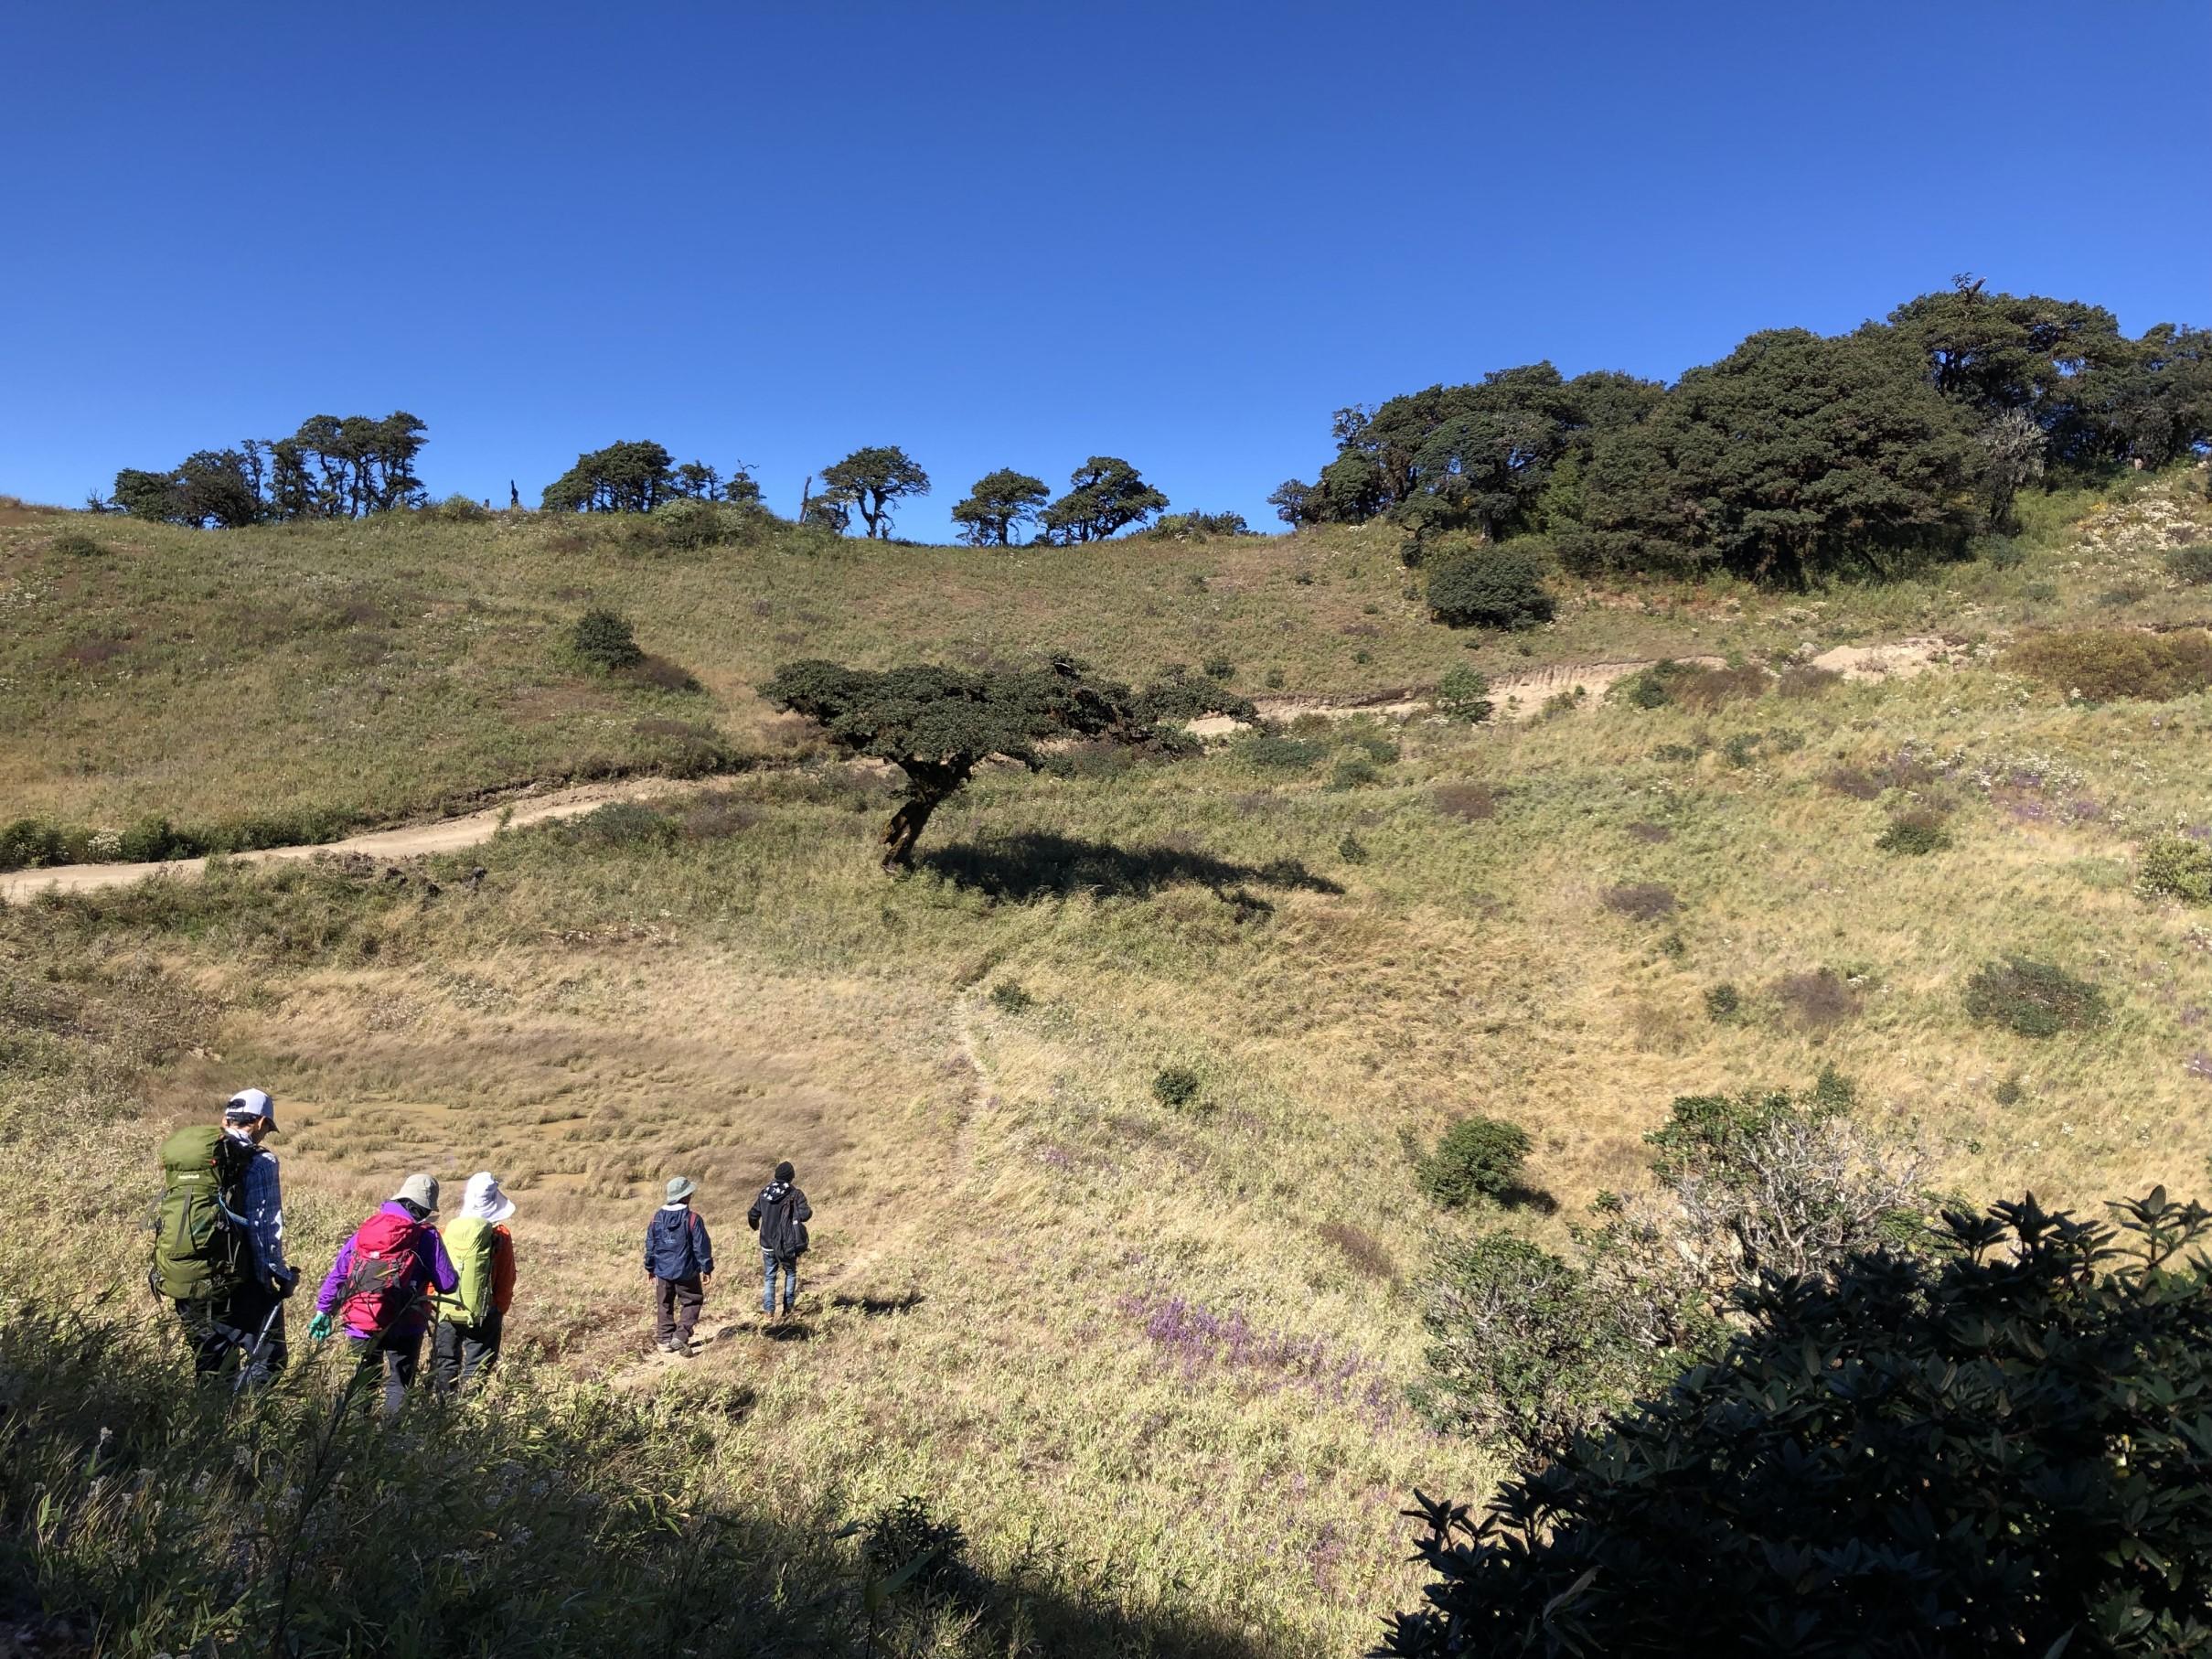 整備された登山道を歩き山頂を目指す(4日目)